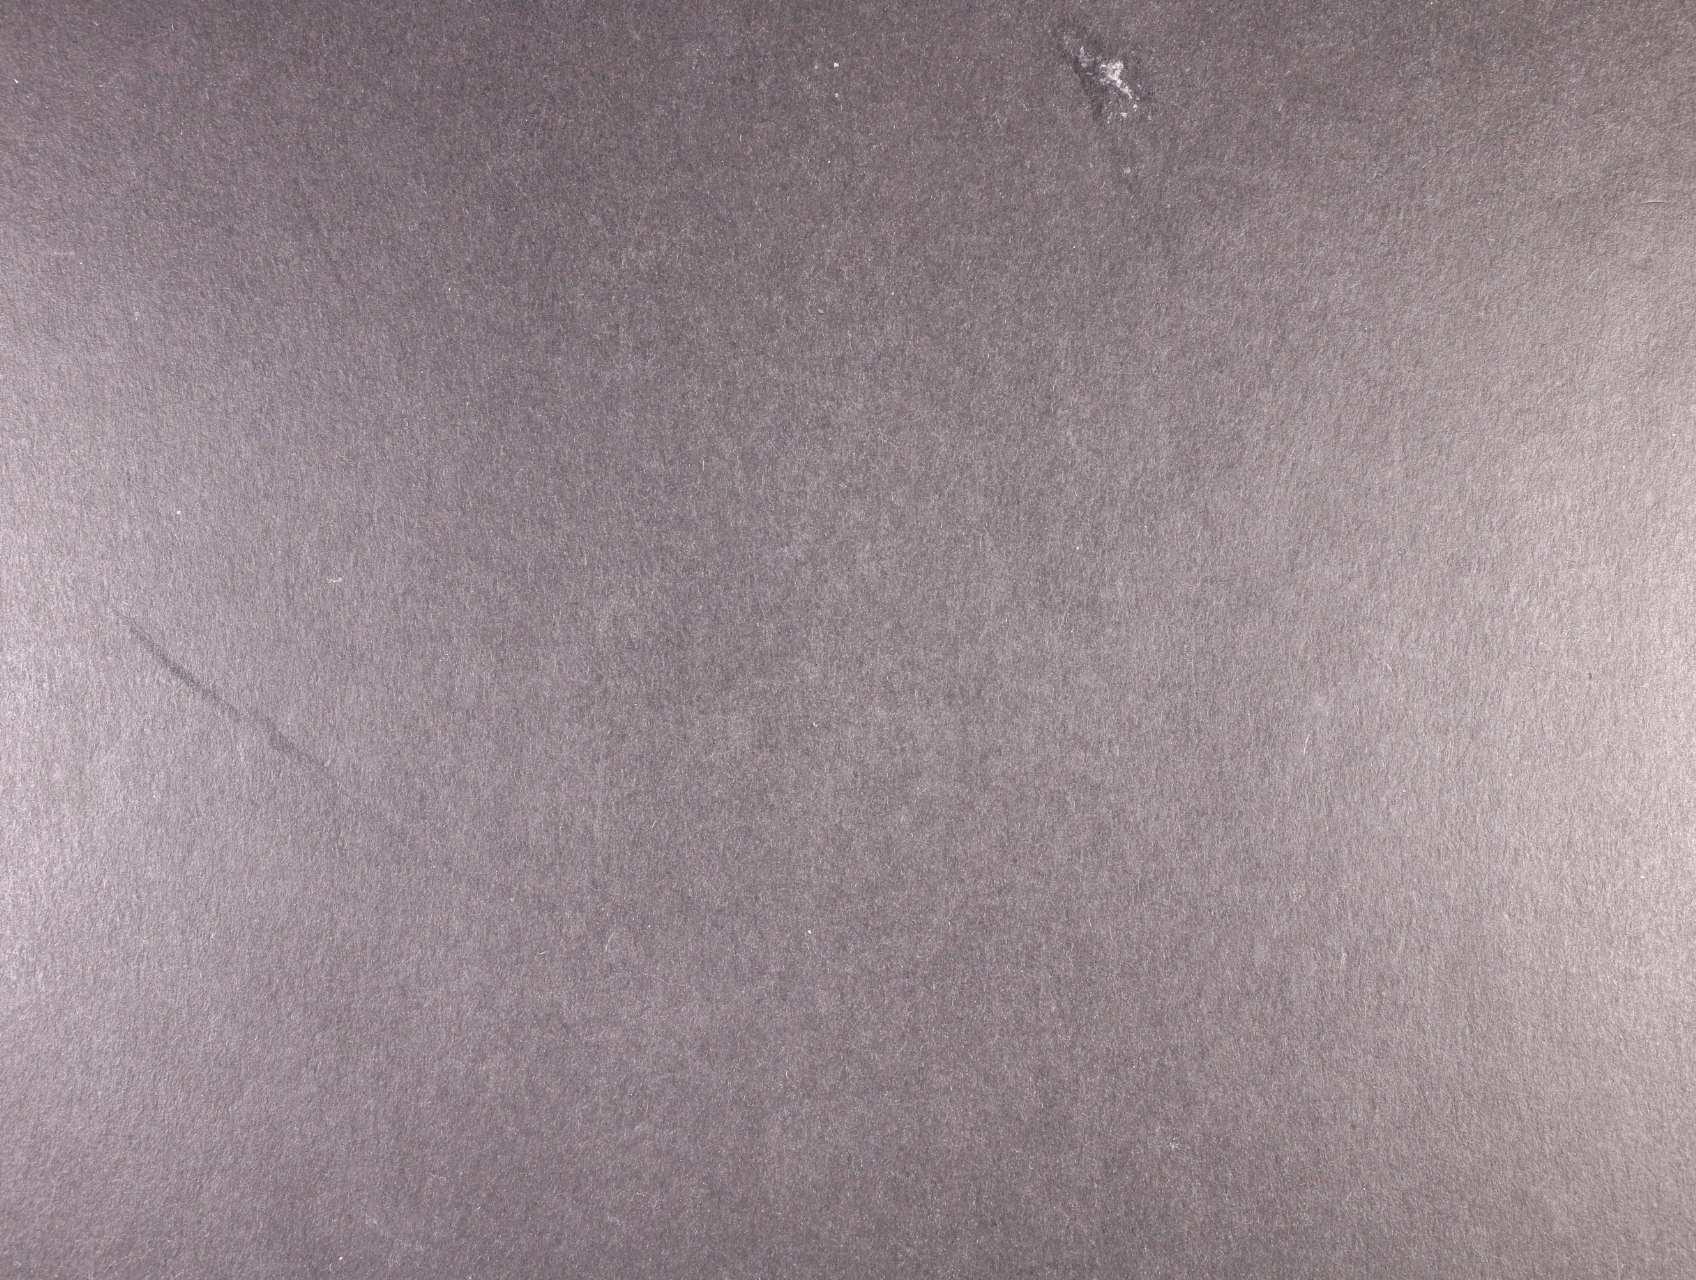 Rakousko - nekompl. sbírka zn. z let 1945 - 2000, obsahuje mj. zn. Mi. č. 669 - 673, VaB, VbA, VdA, 937 - 940, 960 - 3, od r. 1955 kompletní vč. některých TL, cca 900 EUR, uloženo ve třech zásobnících formátu A4